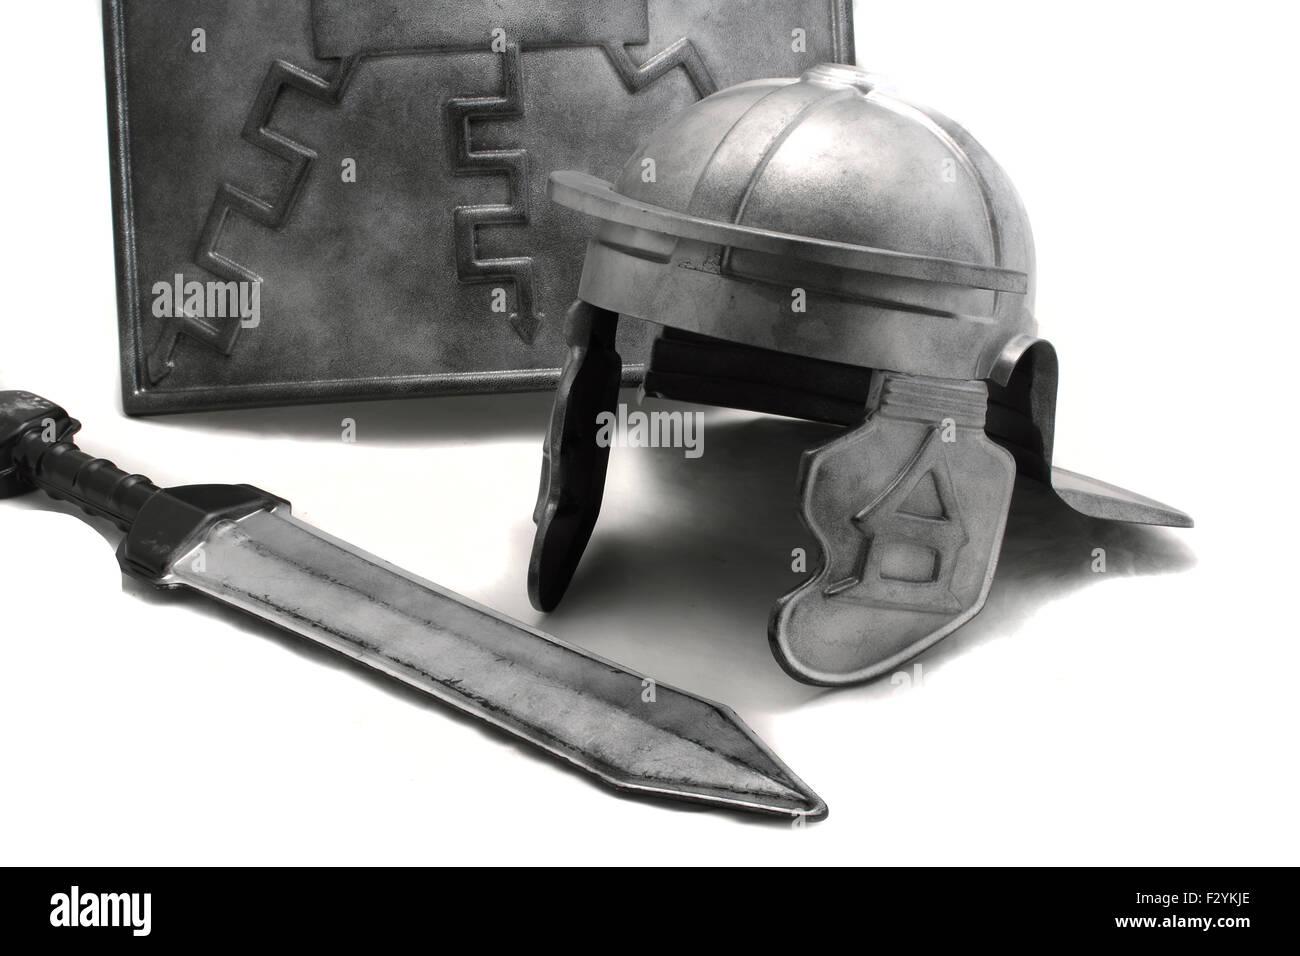 toy plastic roman armour scutum shield gladius sword and